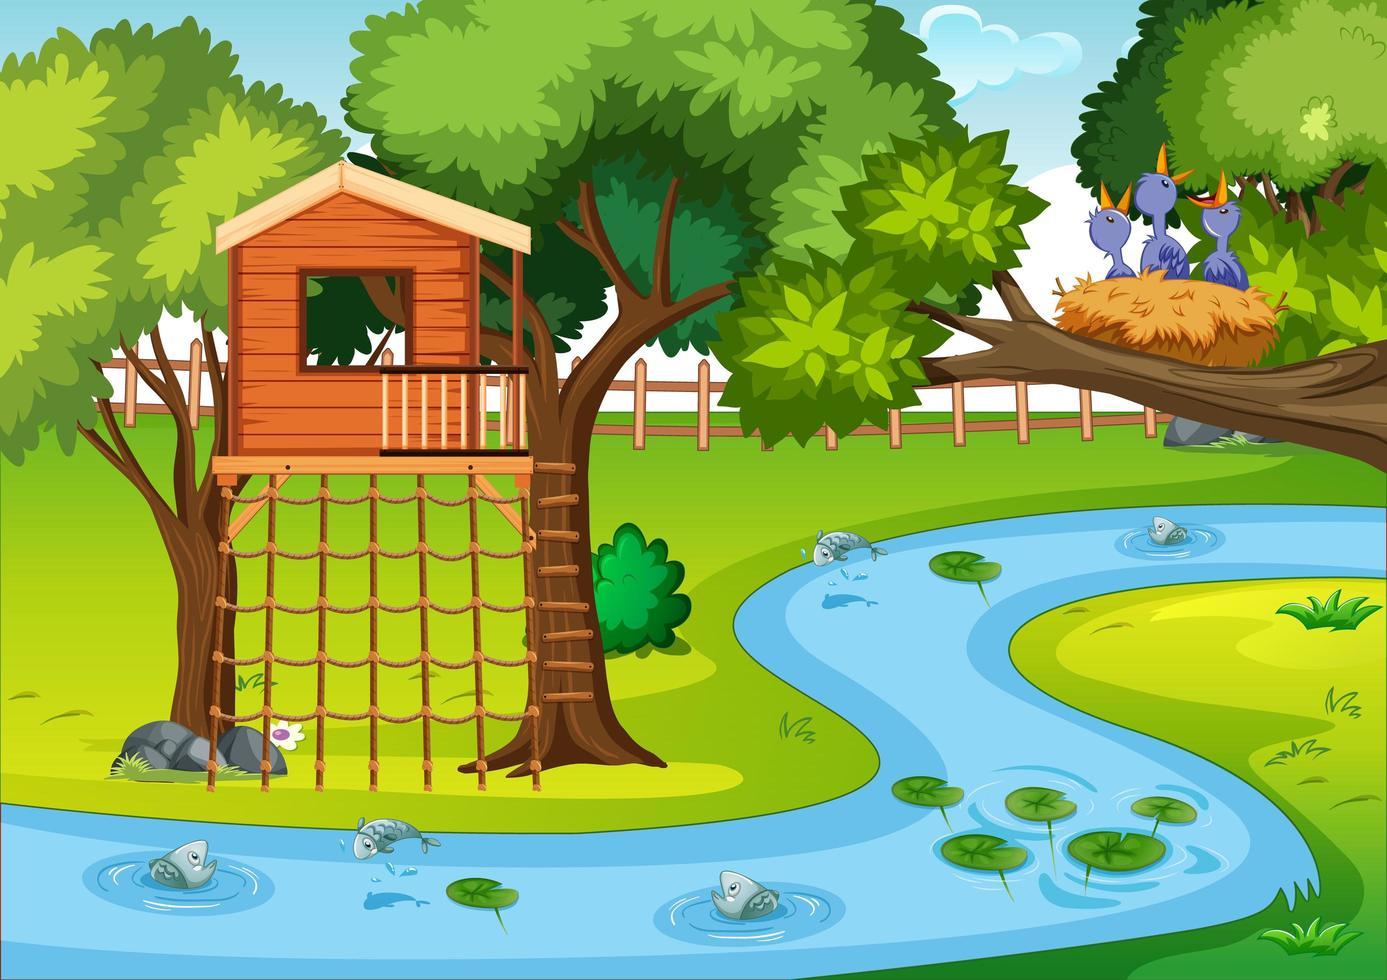 naturpark scen i tecknad stil vektor